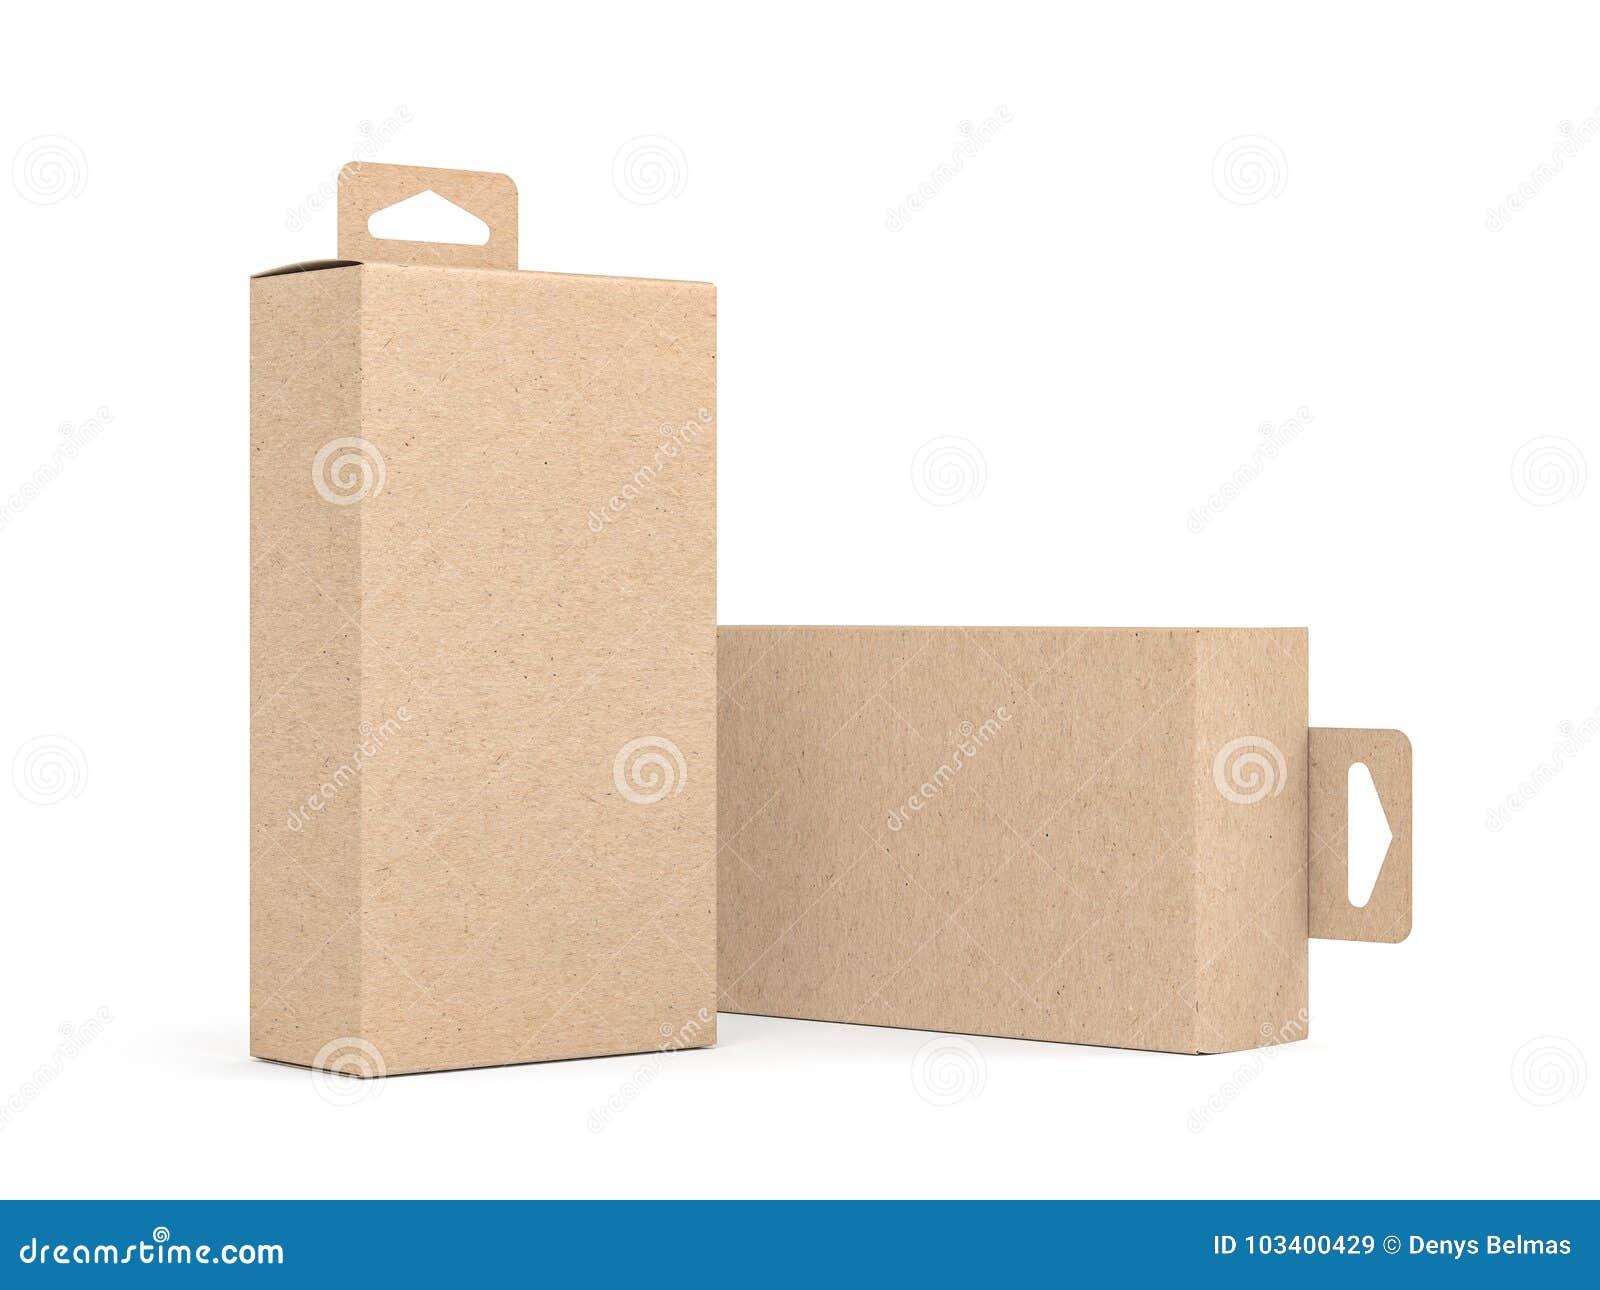 Två Kraft kartonger med Hang Tab den förpackande modellen